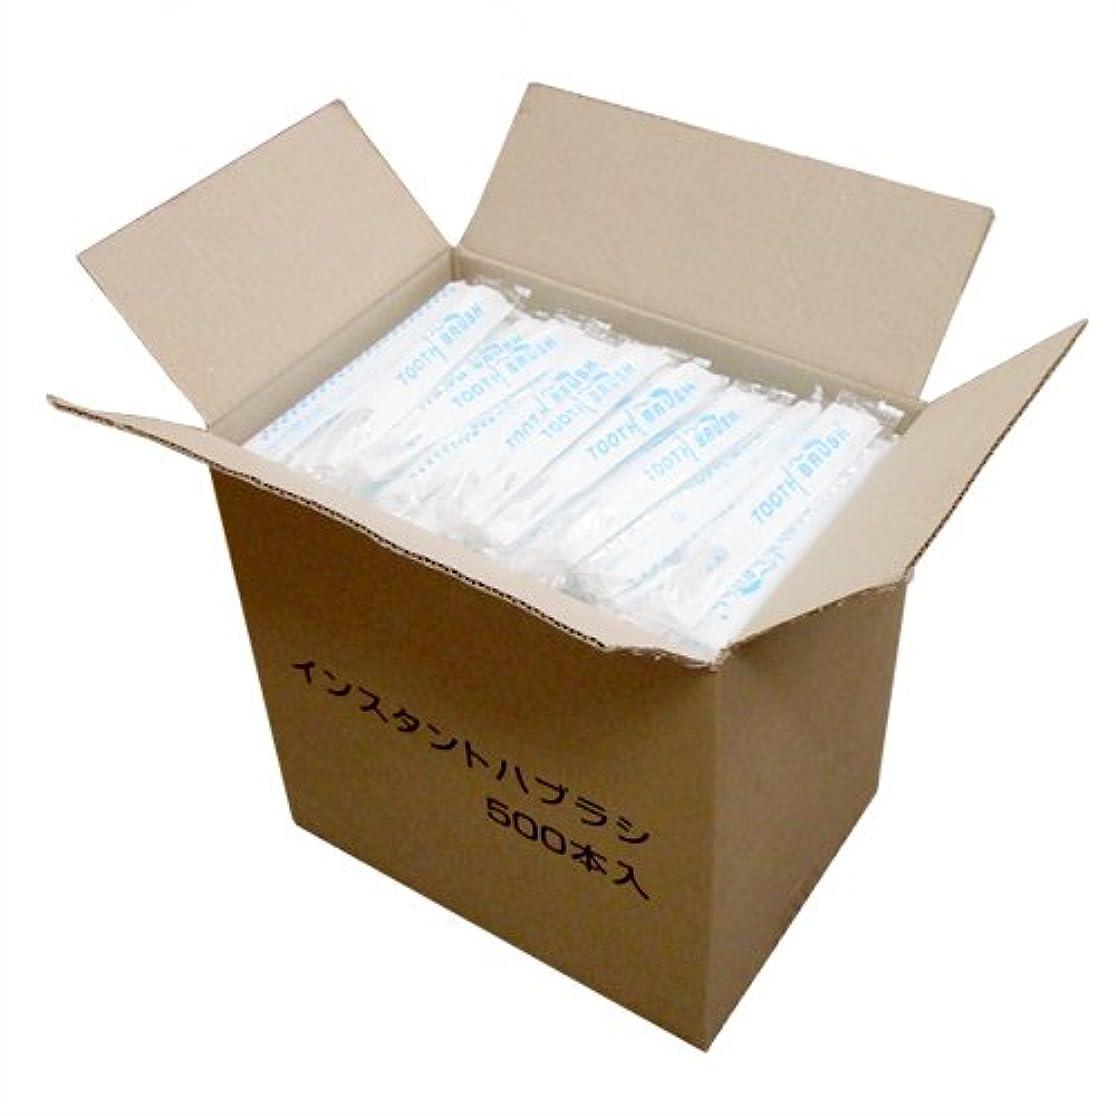 爆発する閉じる嵐の業務用 日本製 使い捨て粉付き歯ブラシ 個包装タイプ 500本入×8箱 (4000本入)│ホテルアメニティ